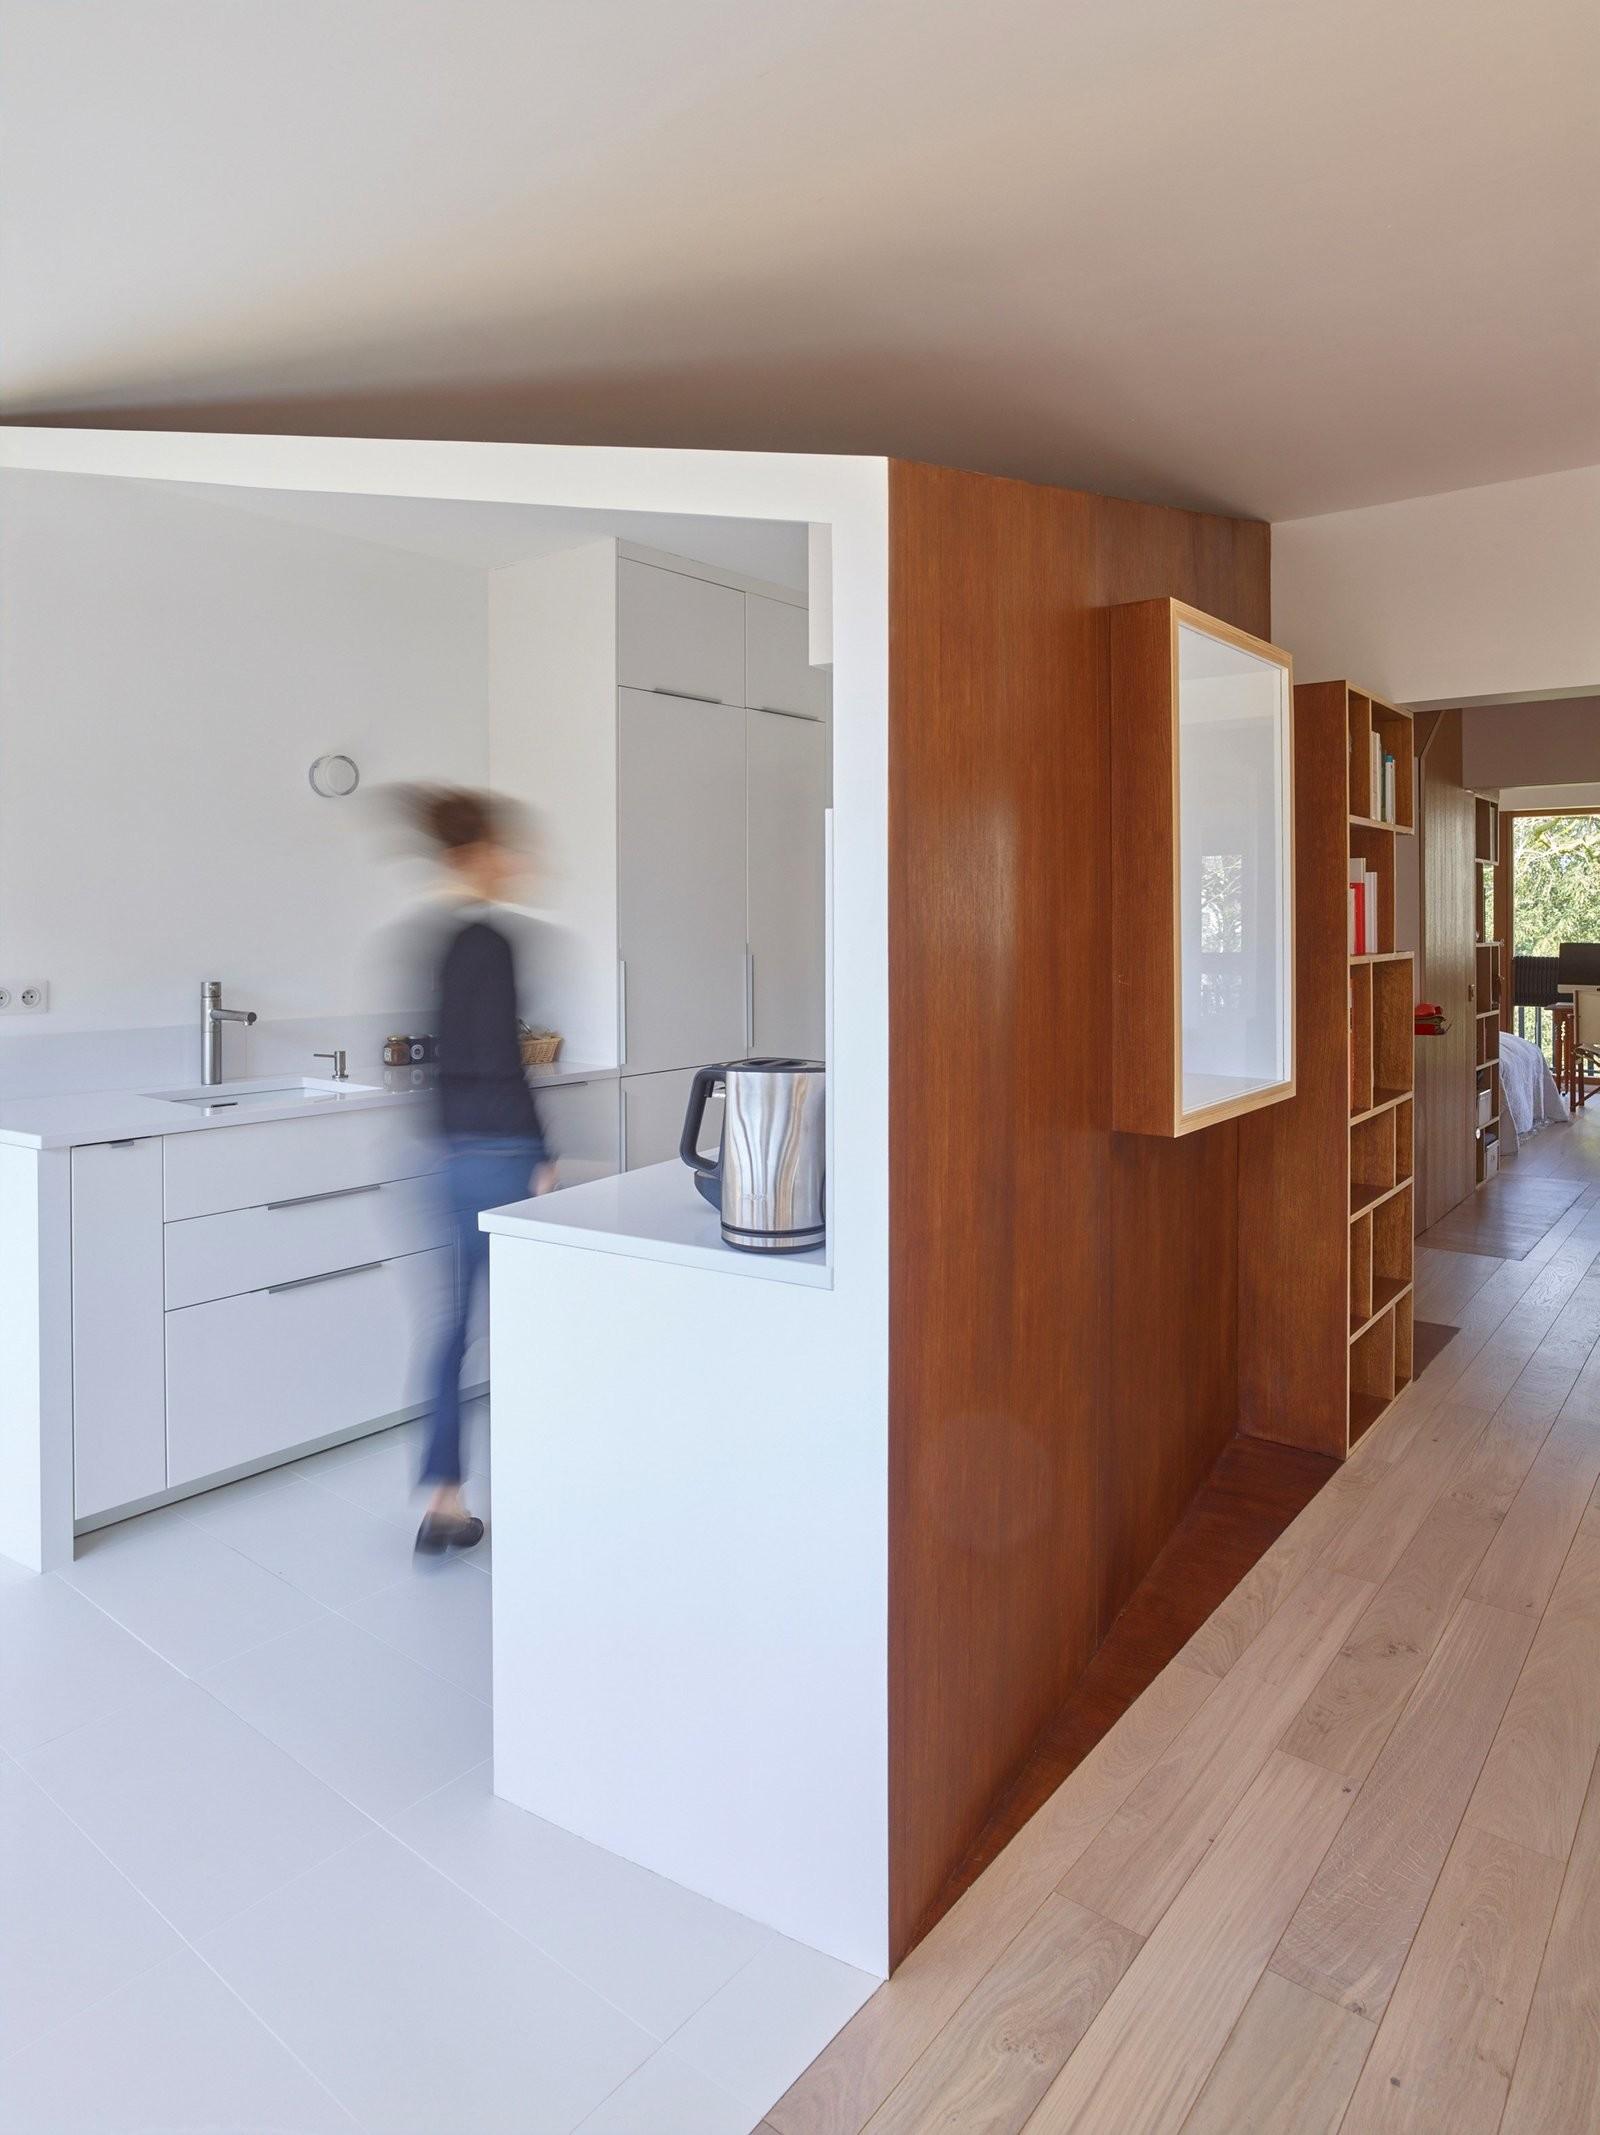 Квартира в пригороде Парижа, в которой легко поддерживать порядок